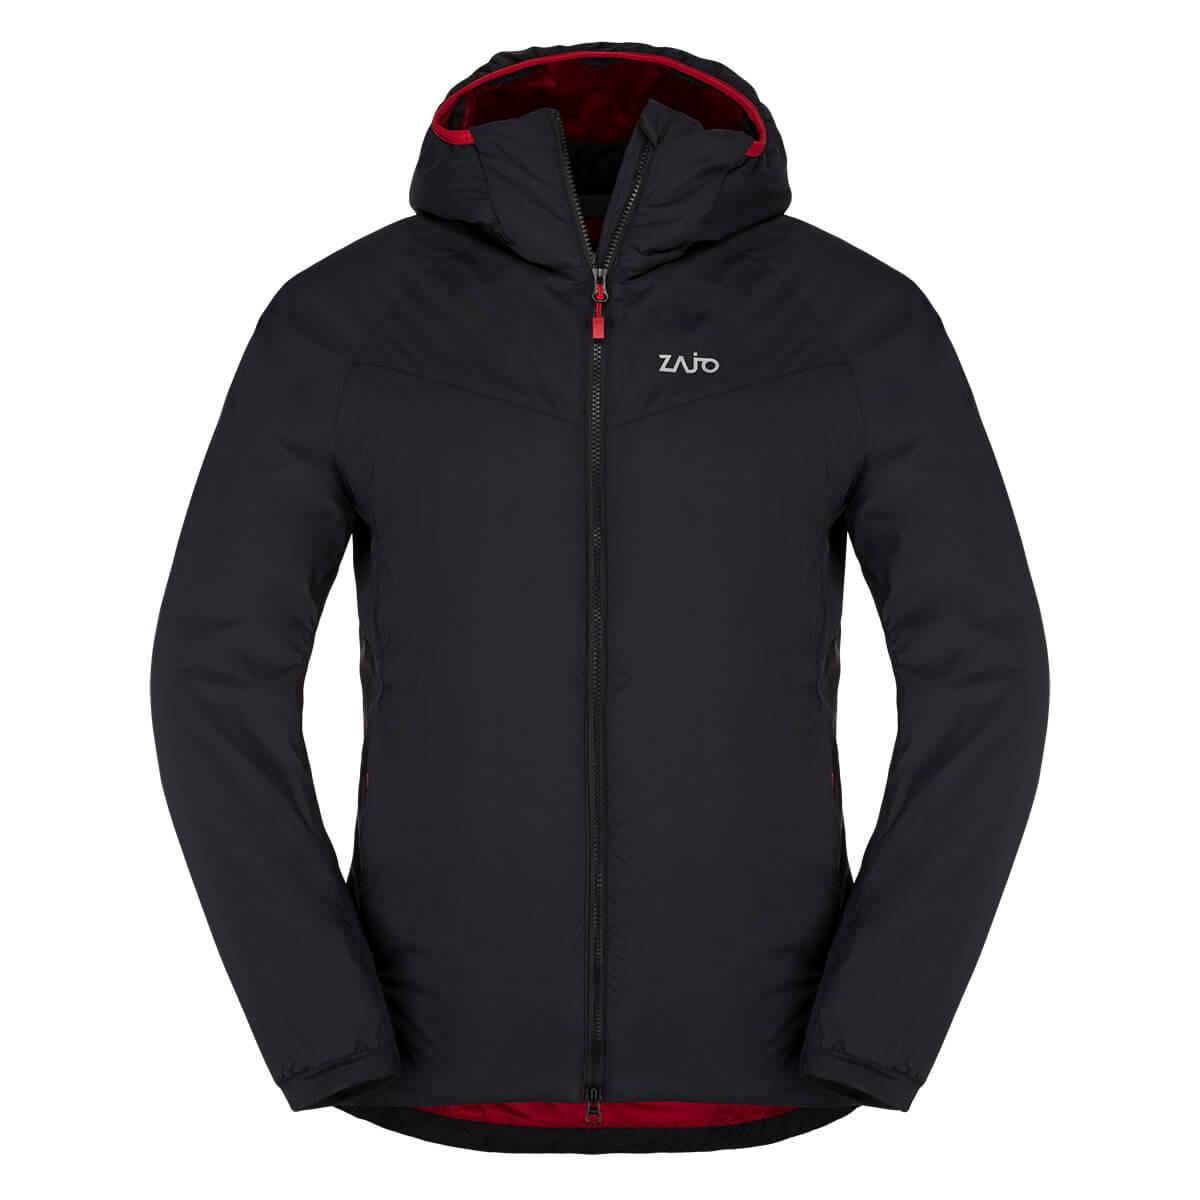 Pánska bunda Zajo Narvik JKT Black - veľkosť S